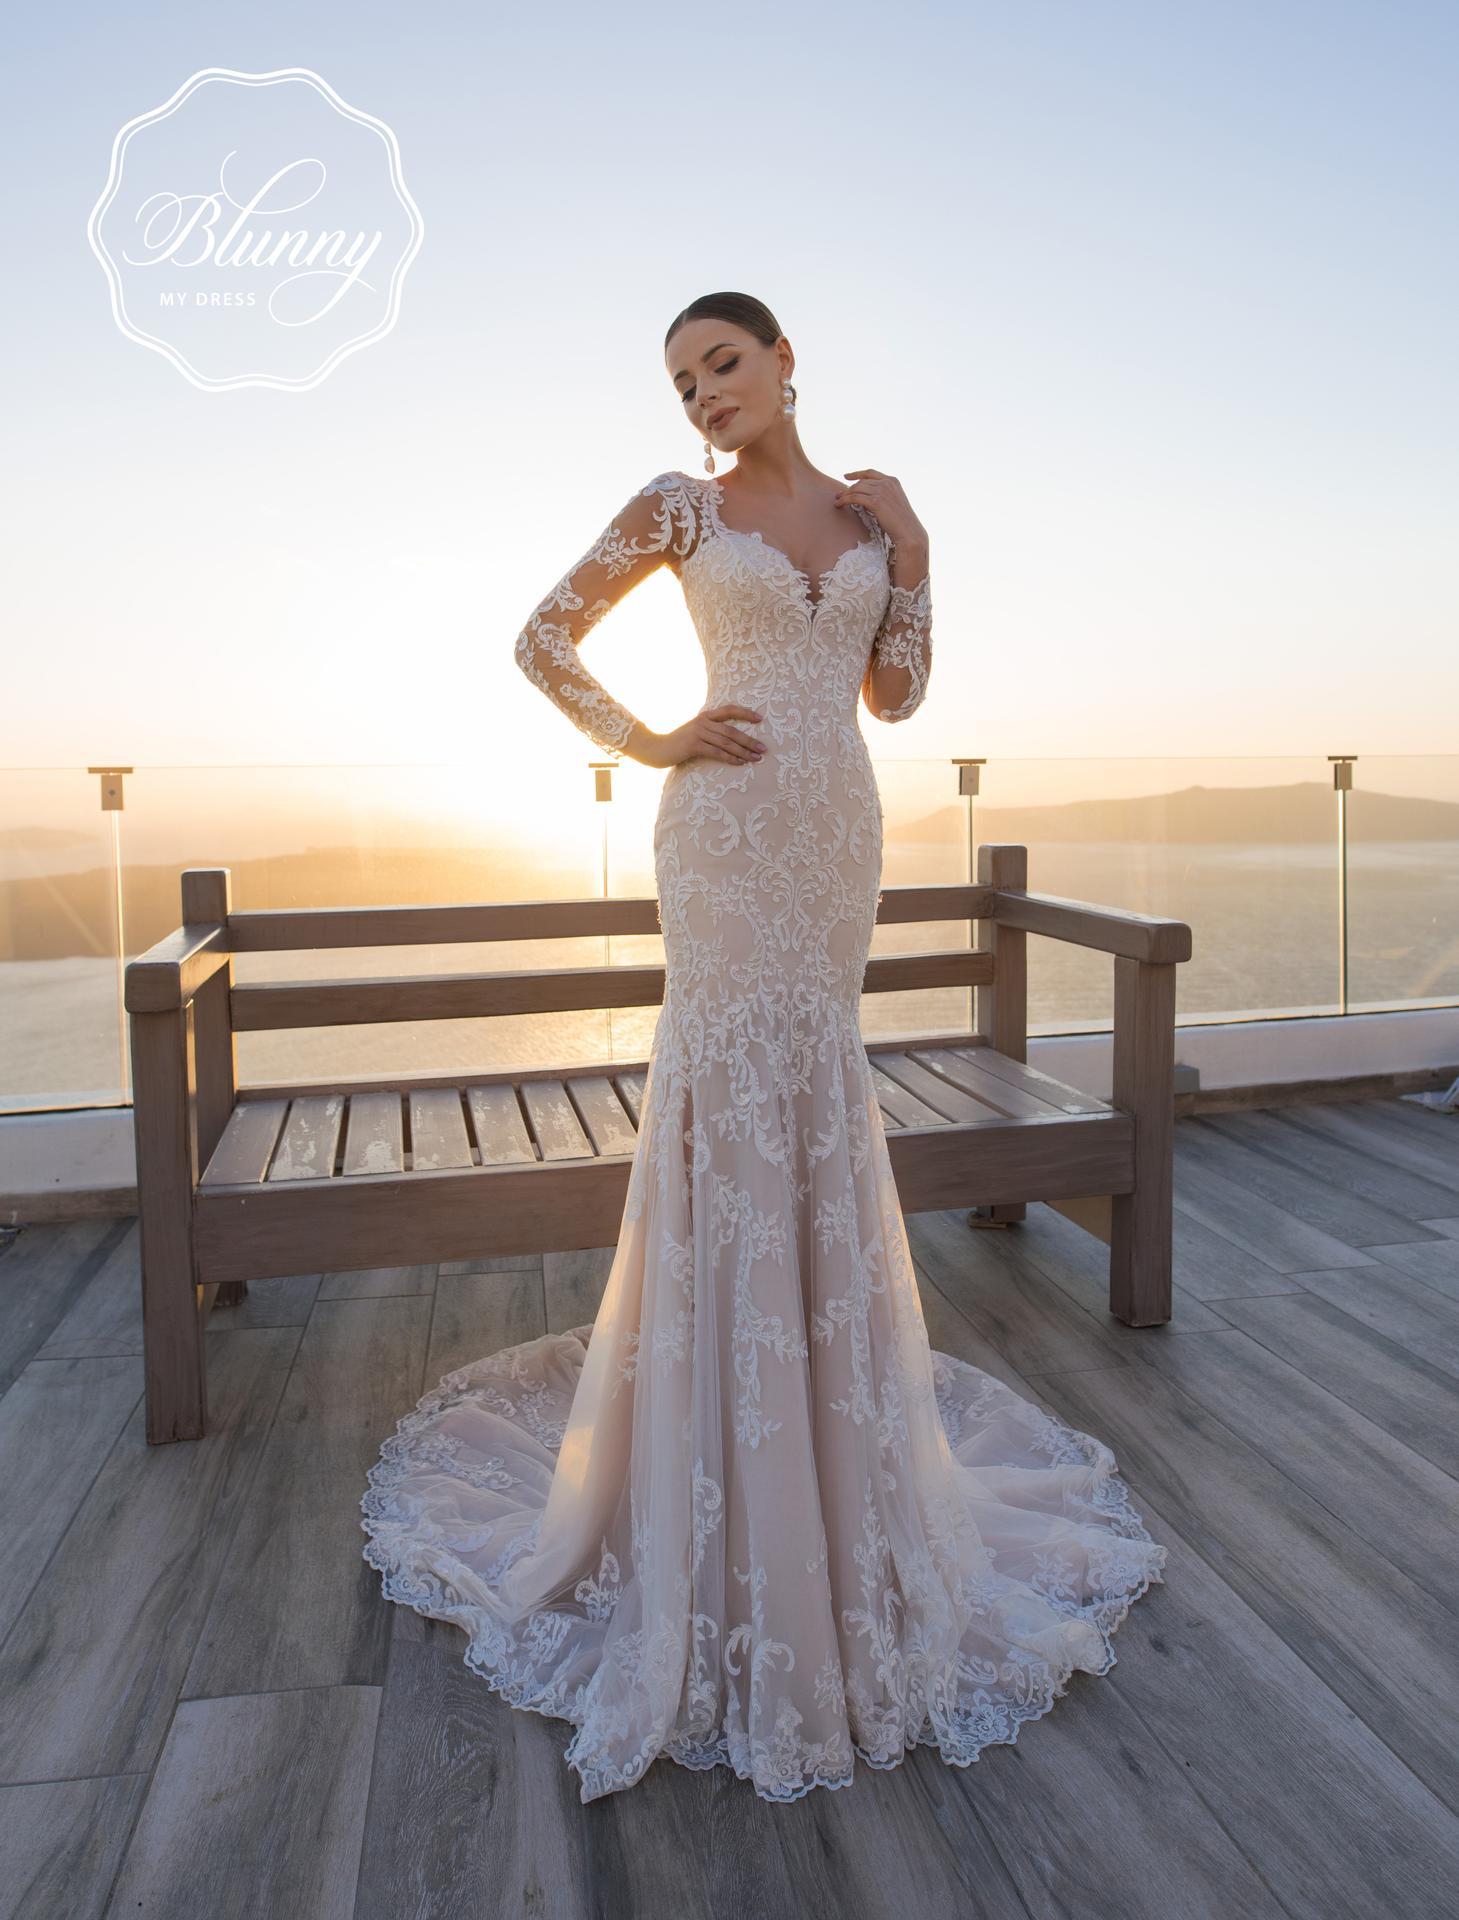 Viac úžasných modelov nájdete aj na našich FB stránkach :) https://www.facebook.com/salonweda - Obrázok č. 1